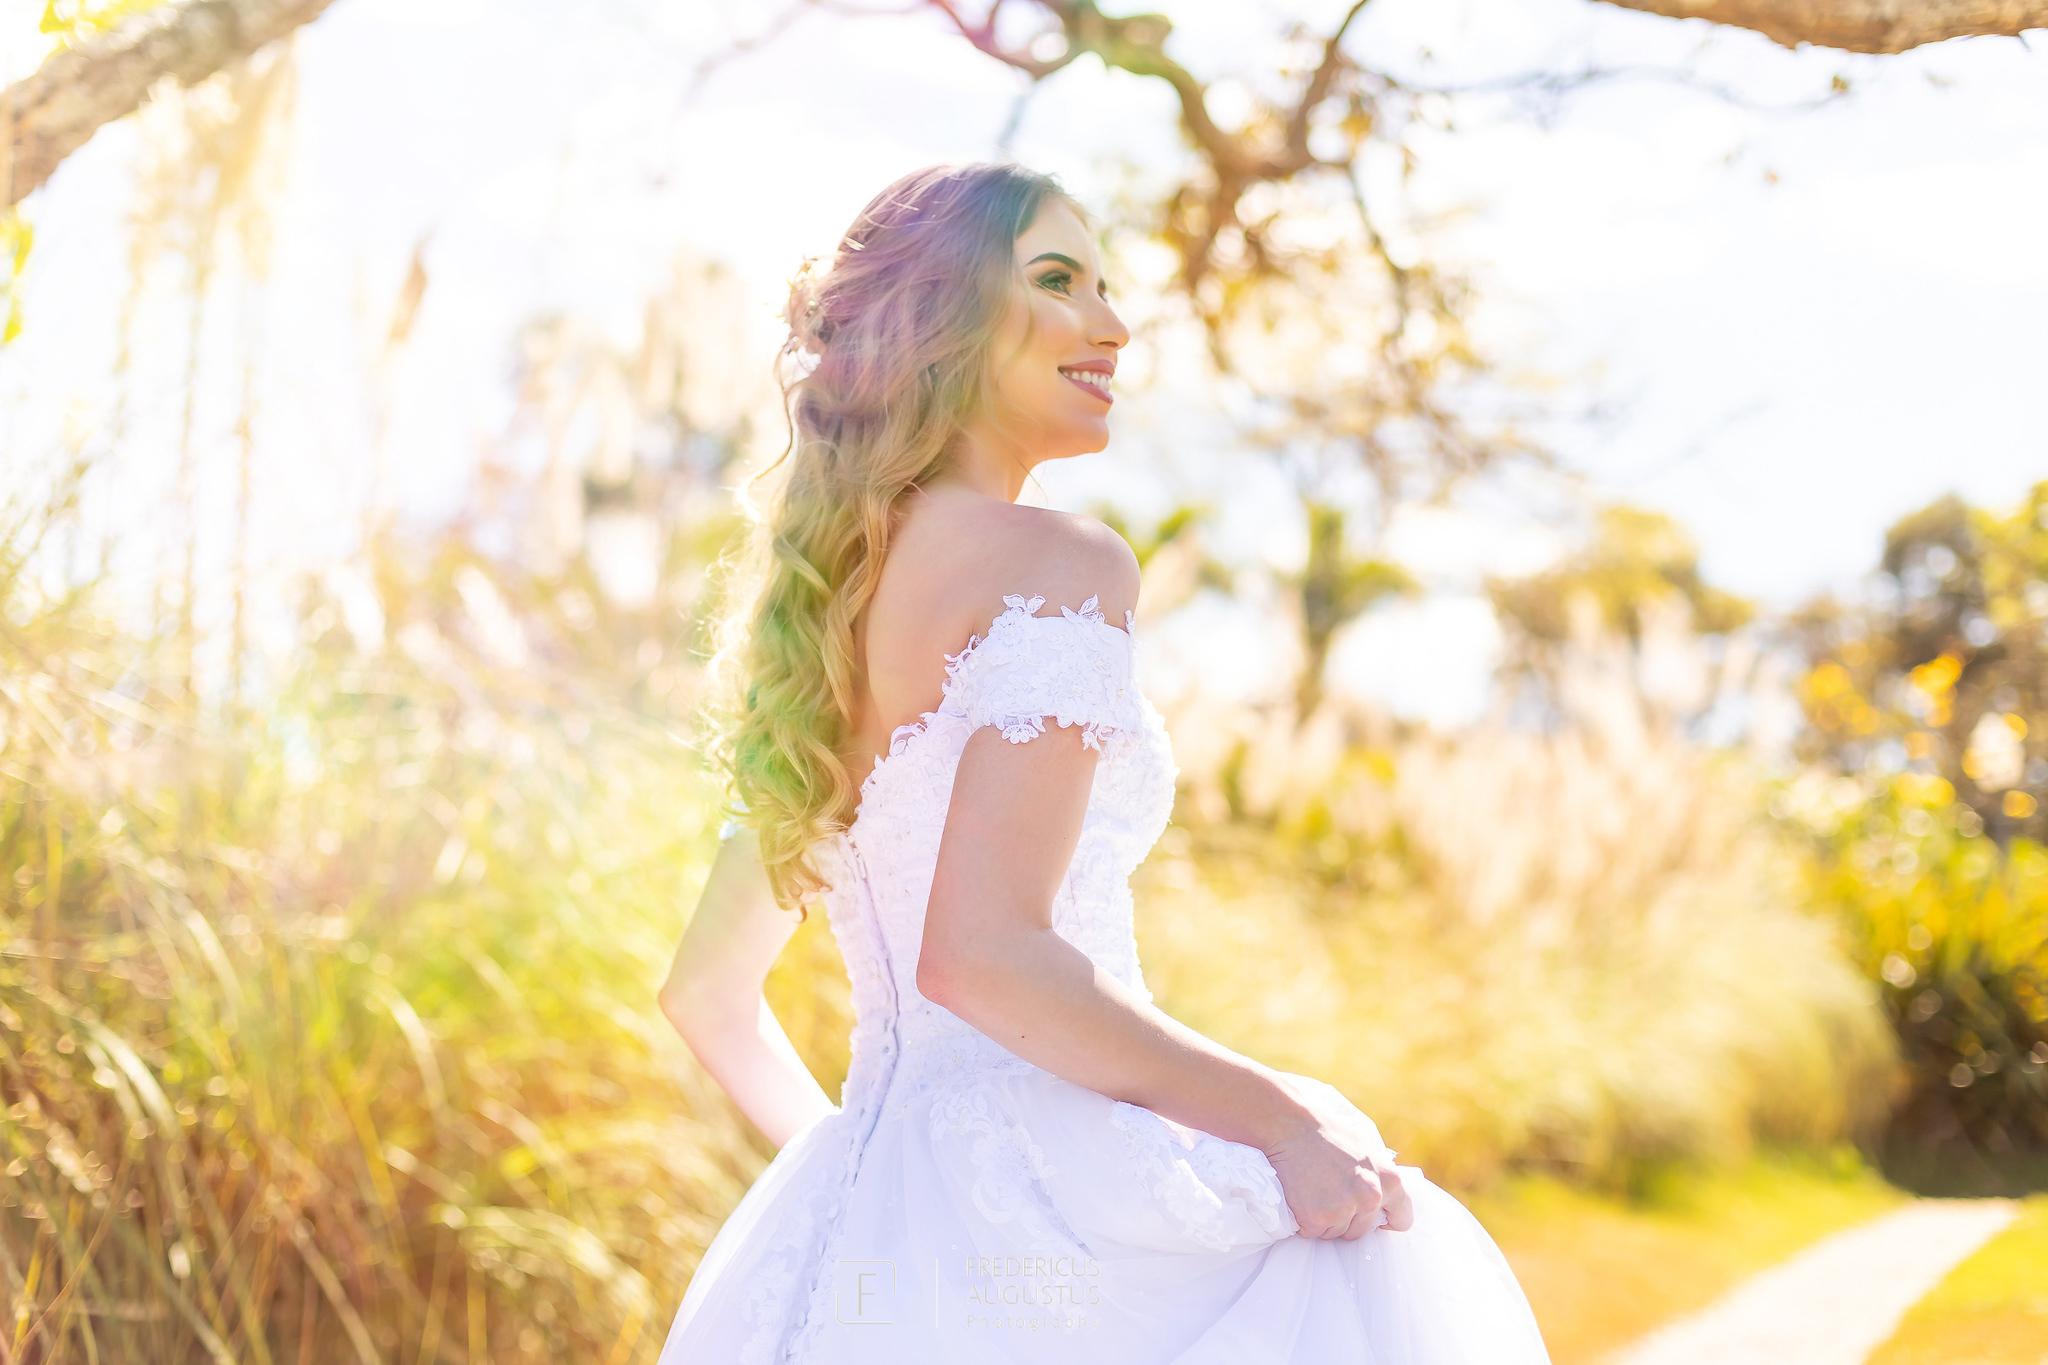 foto com todos os detalhes do vestido da noiva não pode deixar de ter no ensaio de pós casamento